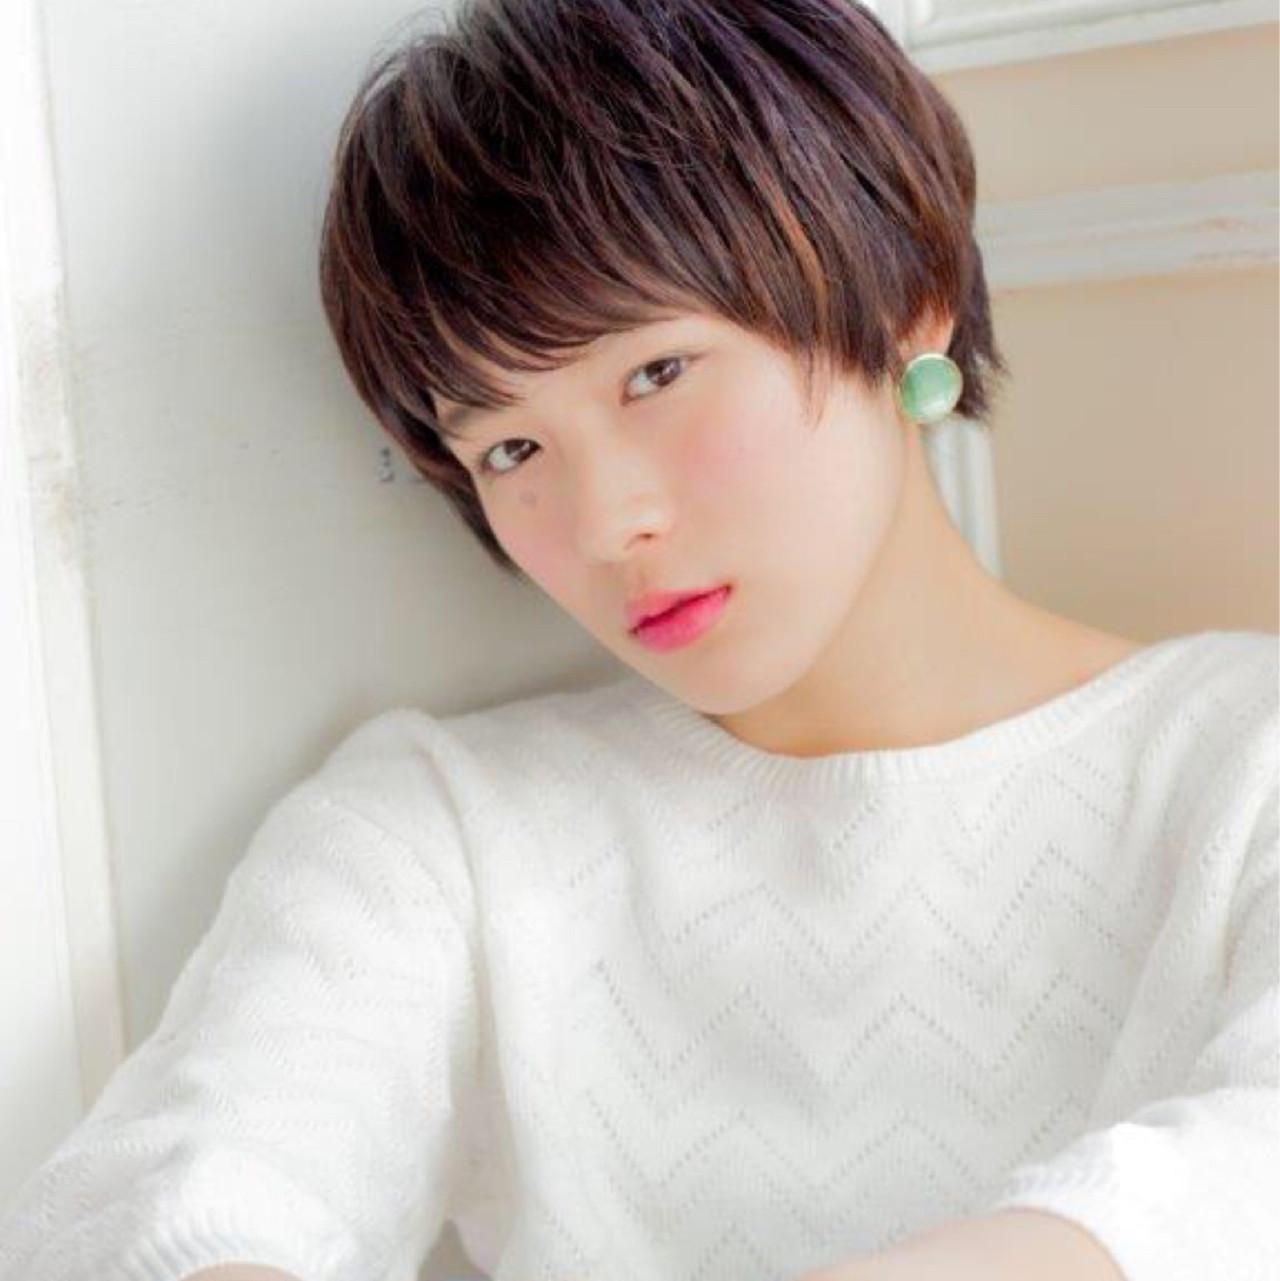 ミルクティー ショート 小顔 ナチュラル ヘアスタイルや髪型の写真・画像   Unami 工藤由佳 / Unami omotesando